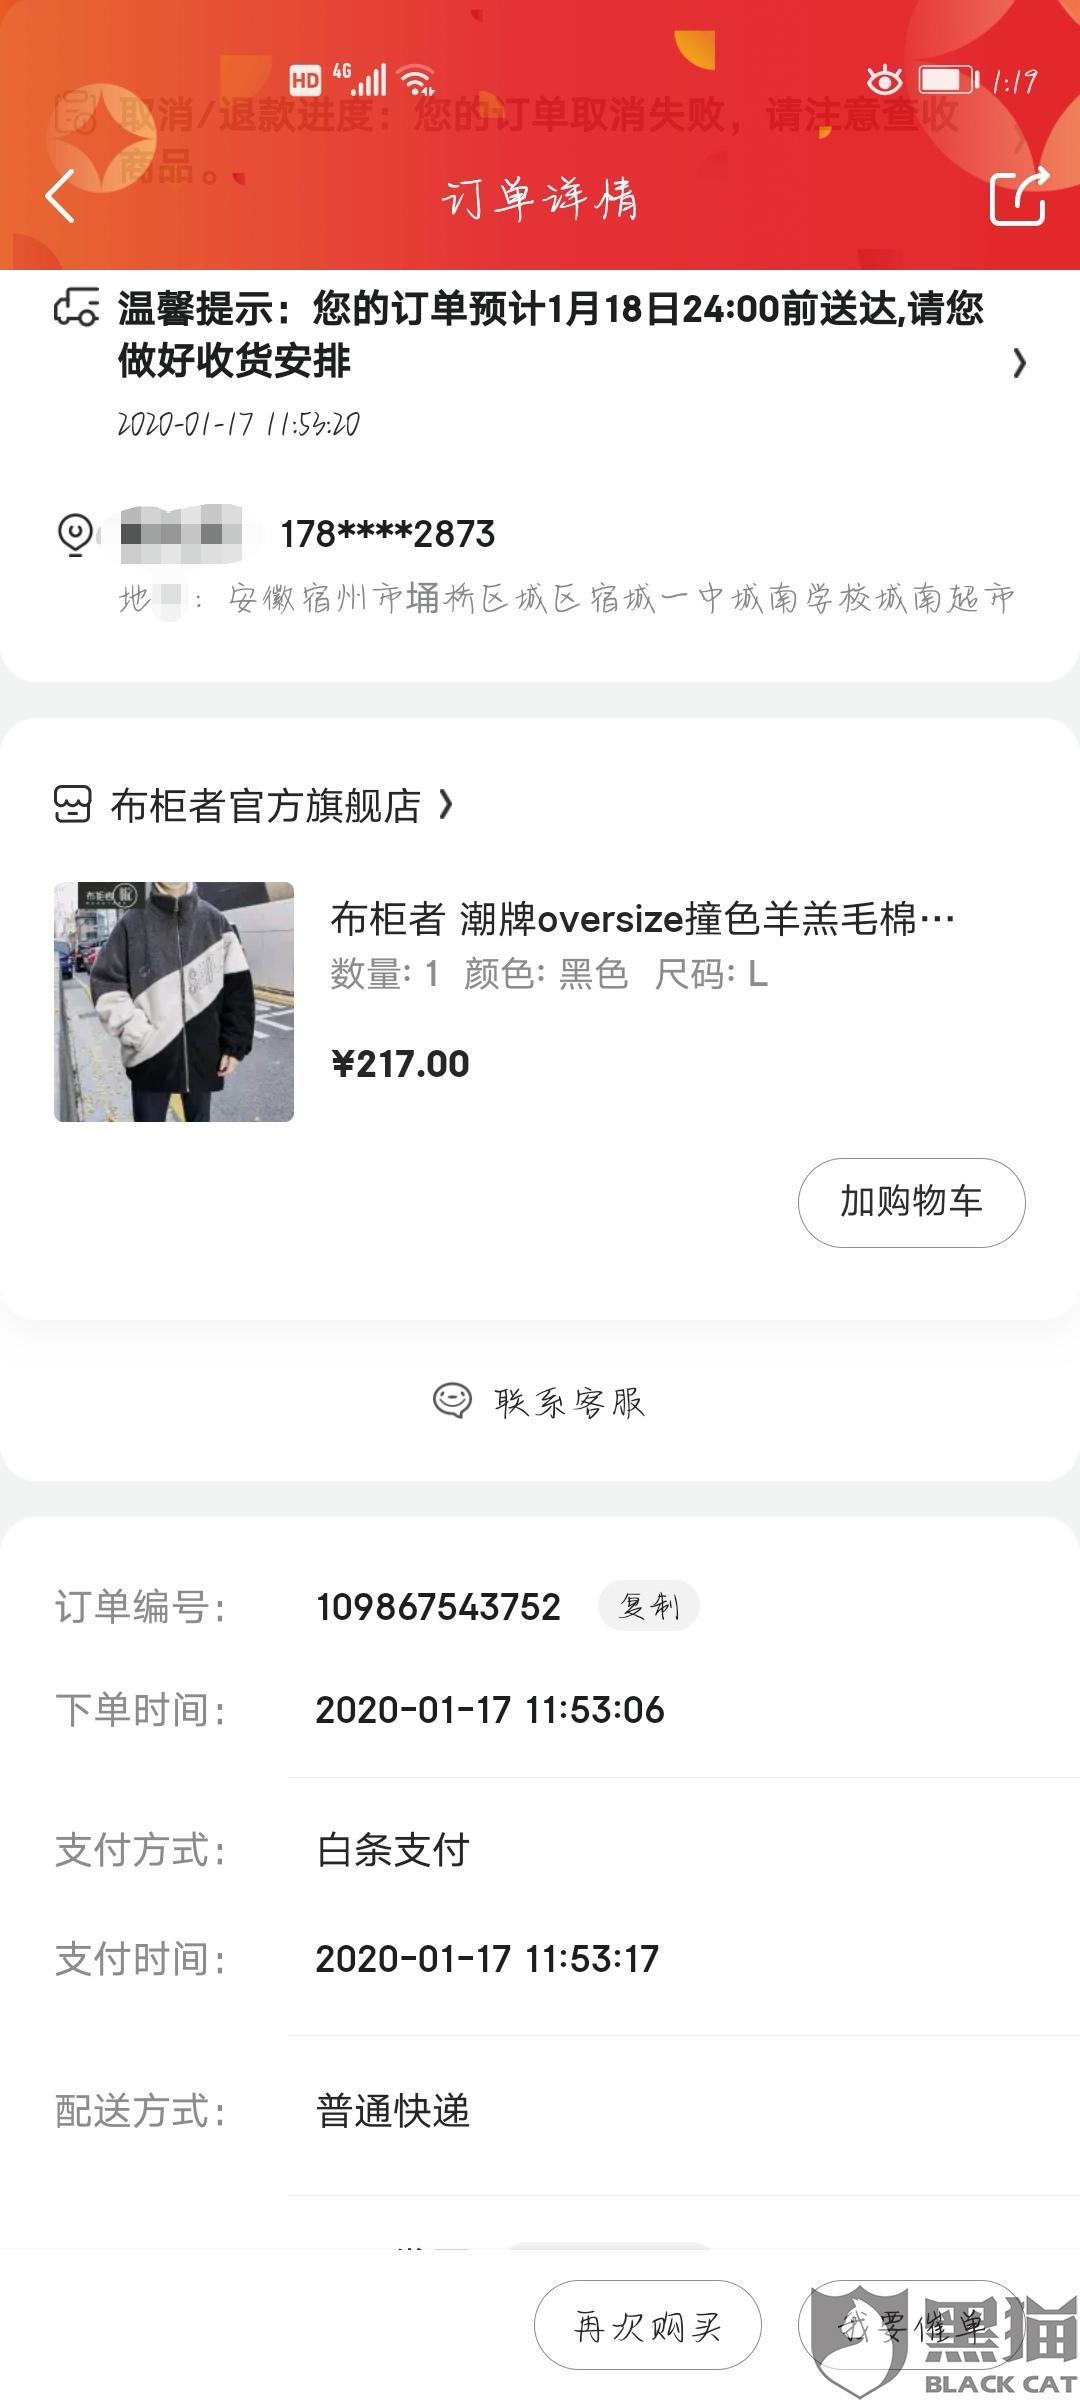 黑猫投诉:在京东上买布柜者 潮牌oversize撞色羊羔毛棉衣男2019冬季新款韩版。